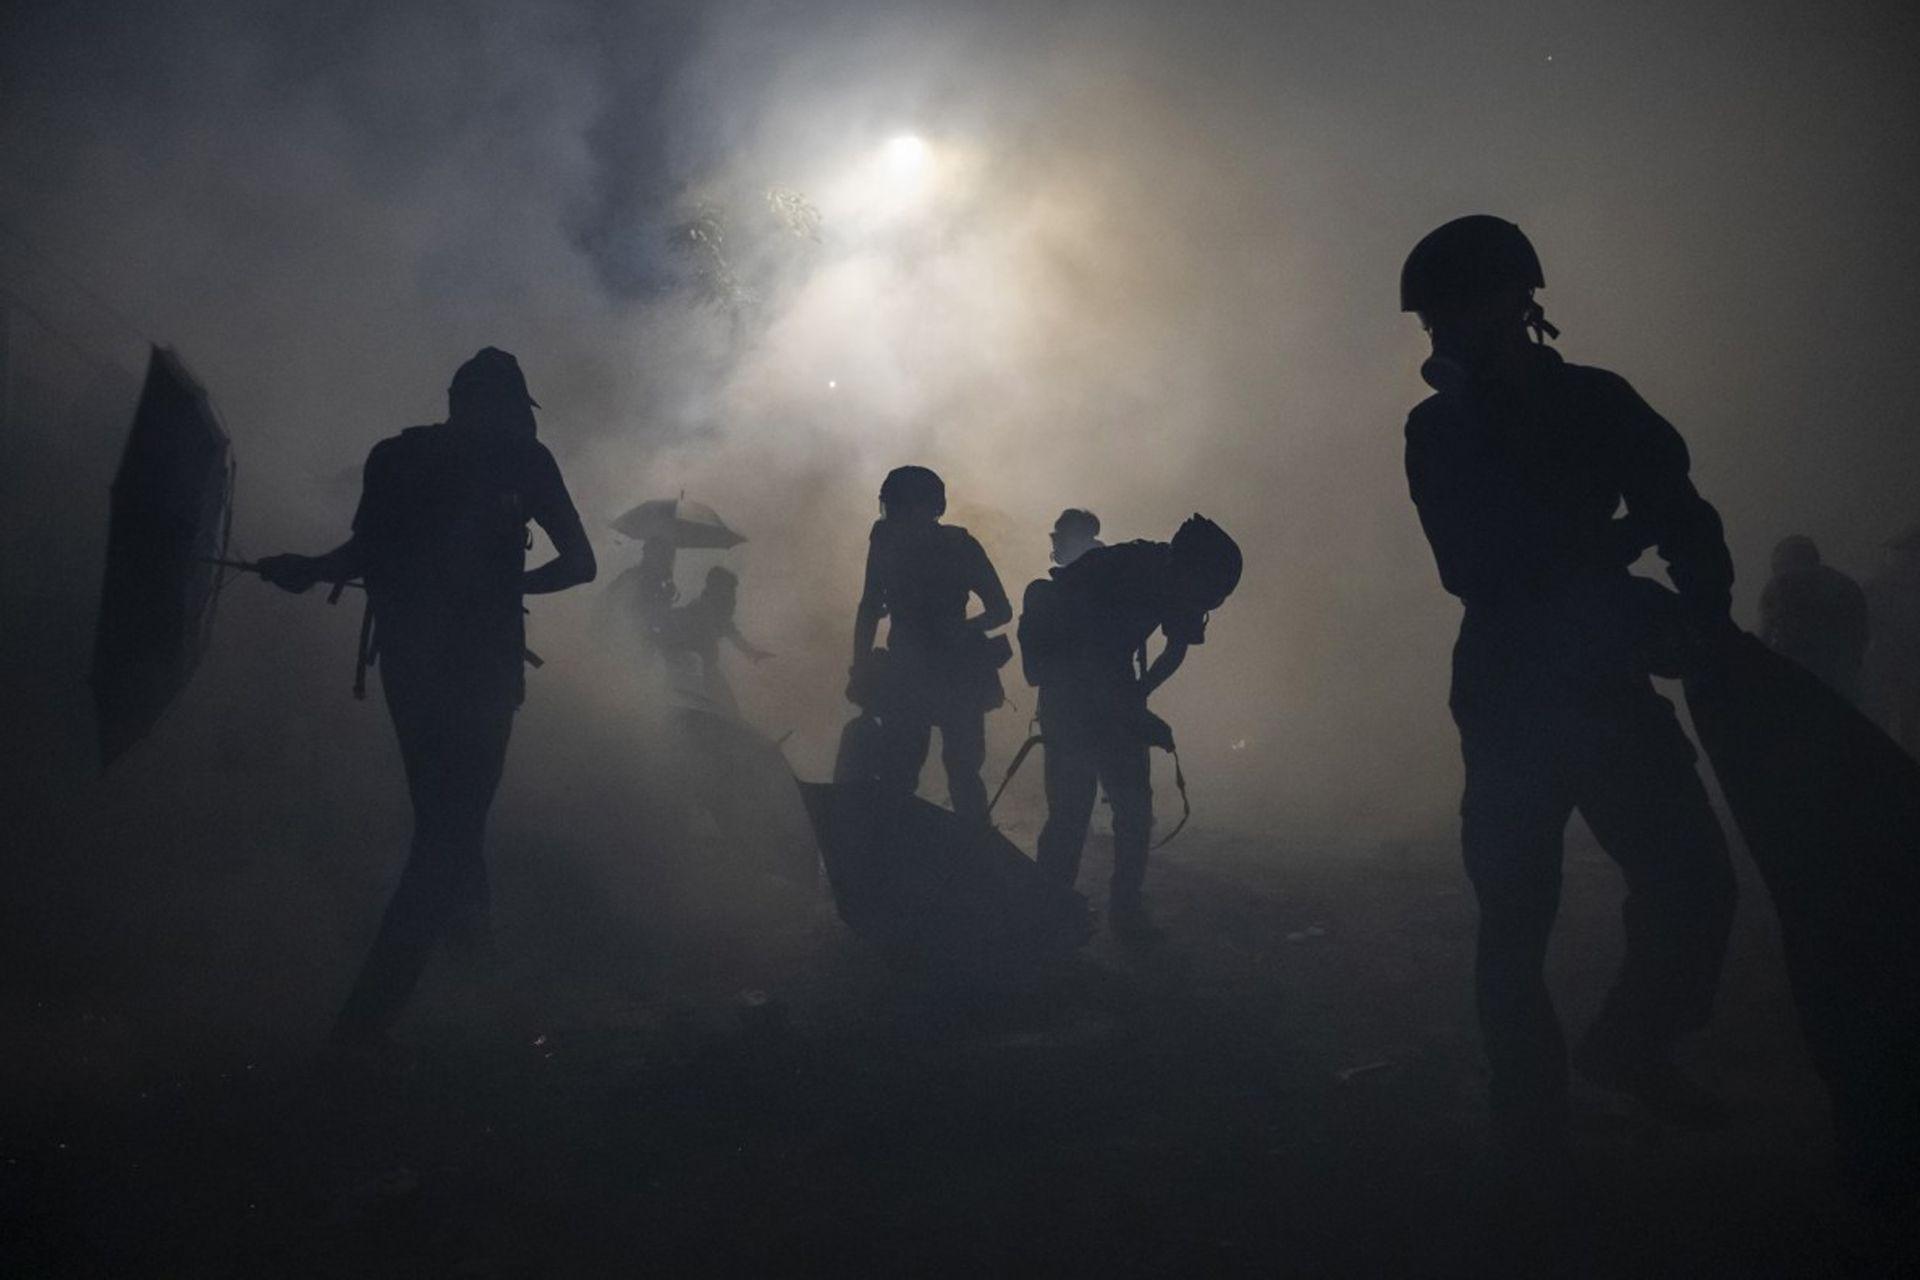 Los manifestantes son alcanzado por los gases intentan protegerse en la universidad de Hong Kong